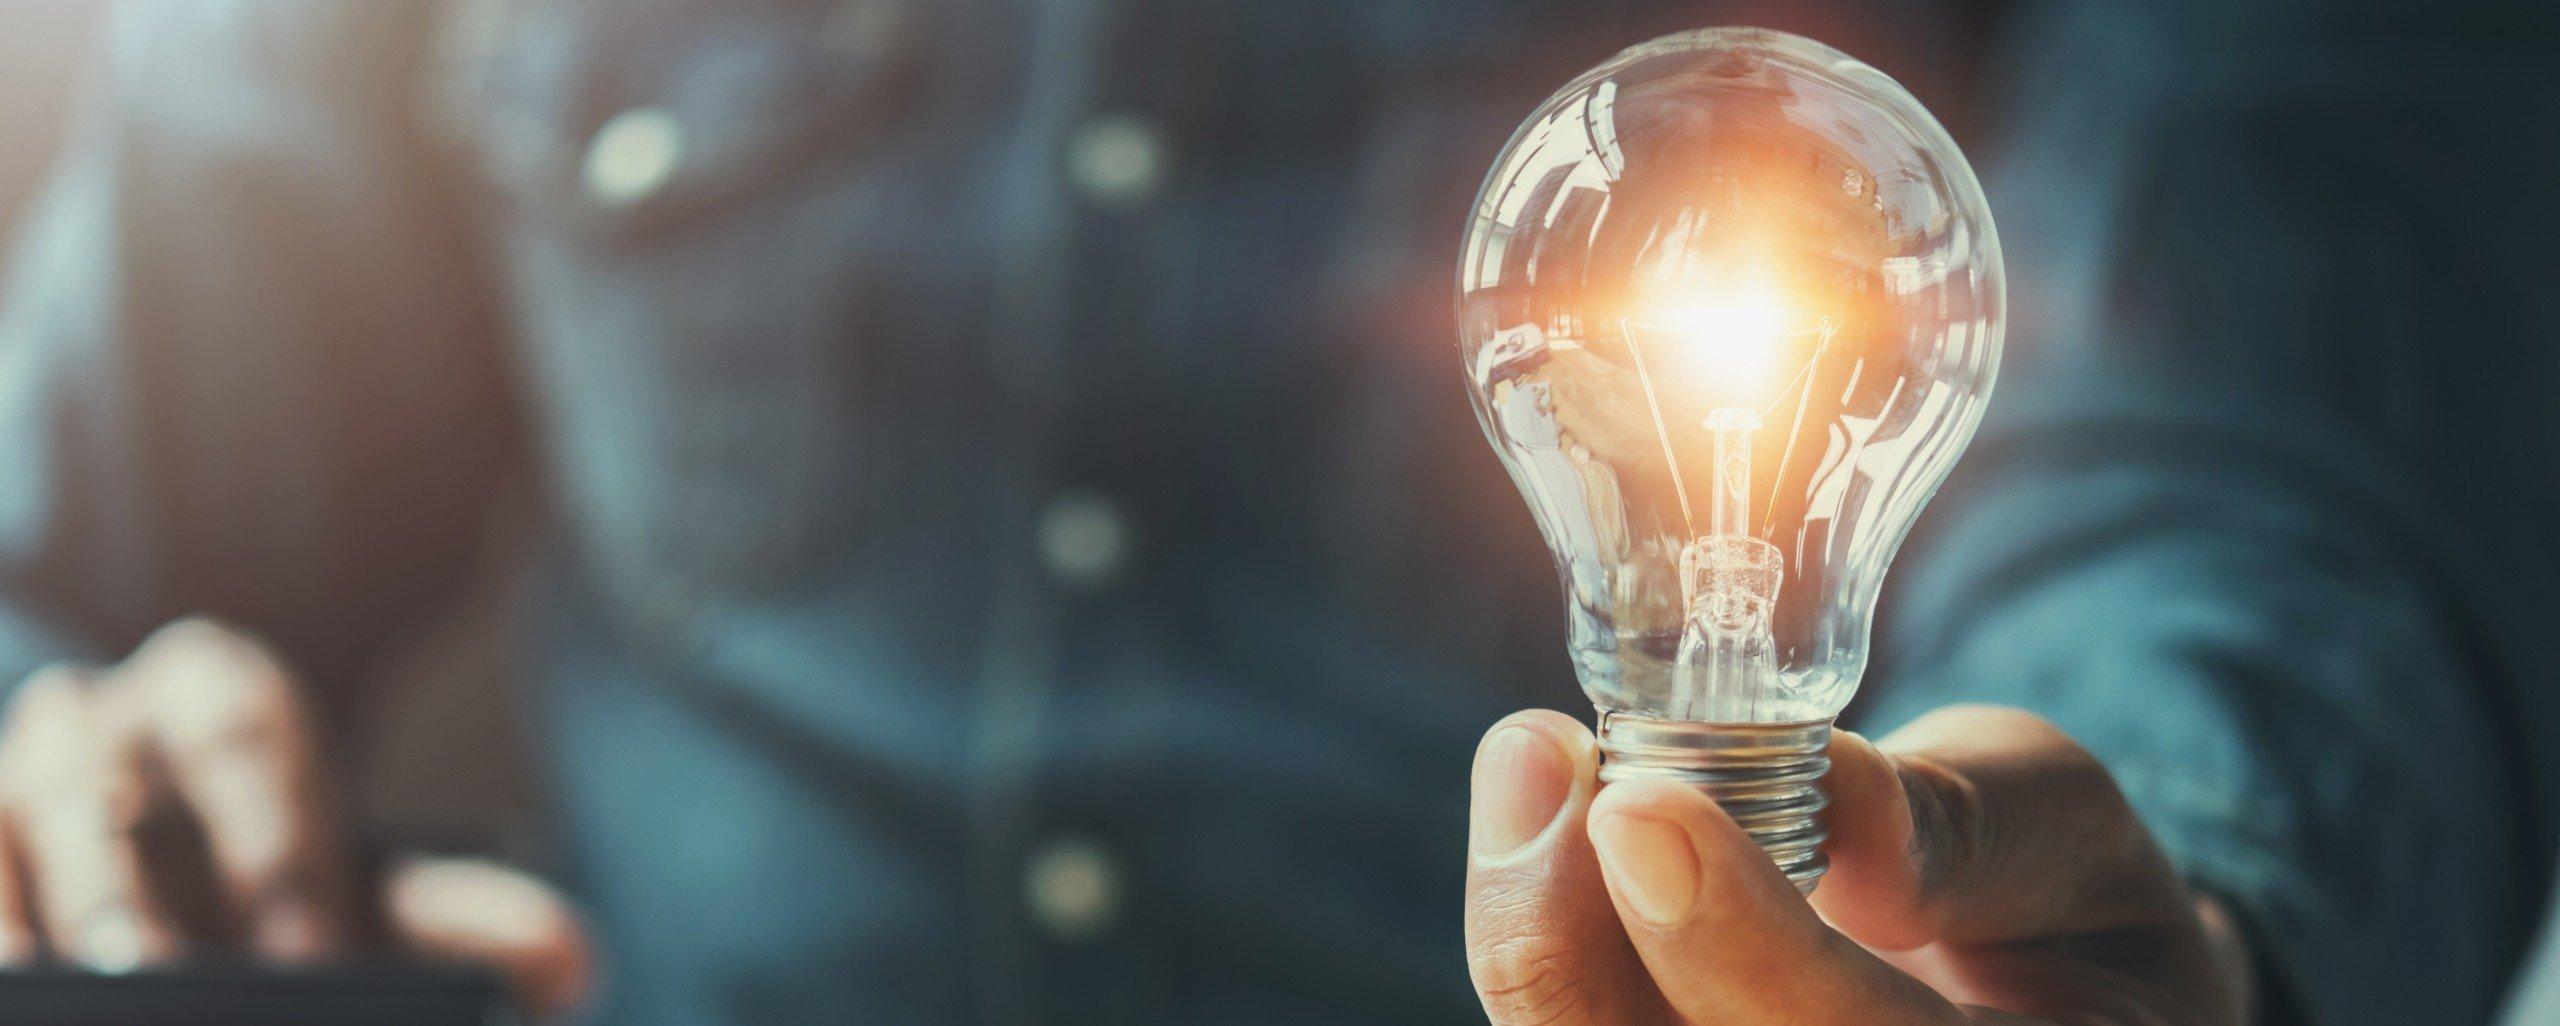 Energiemakler Strom Gas Optimierung Sparen